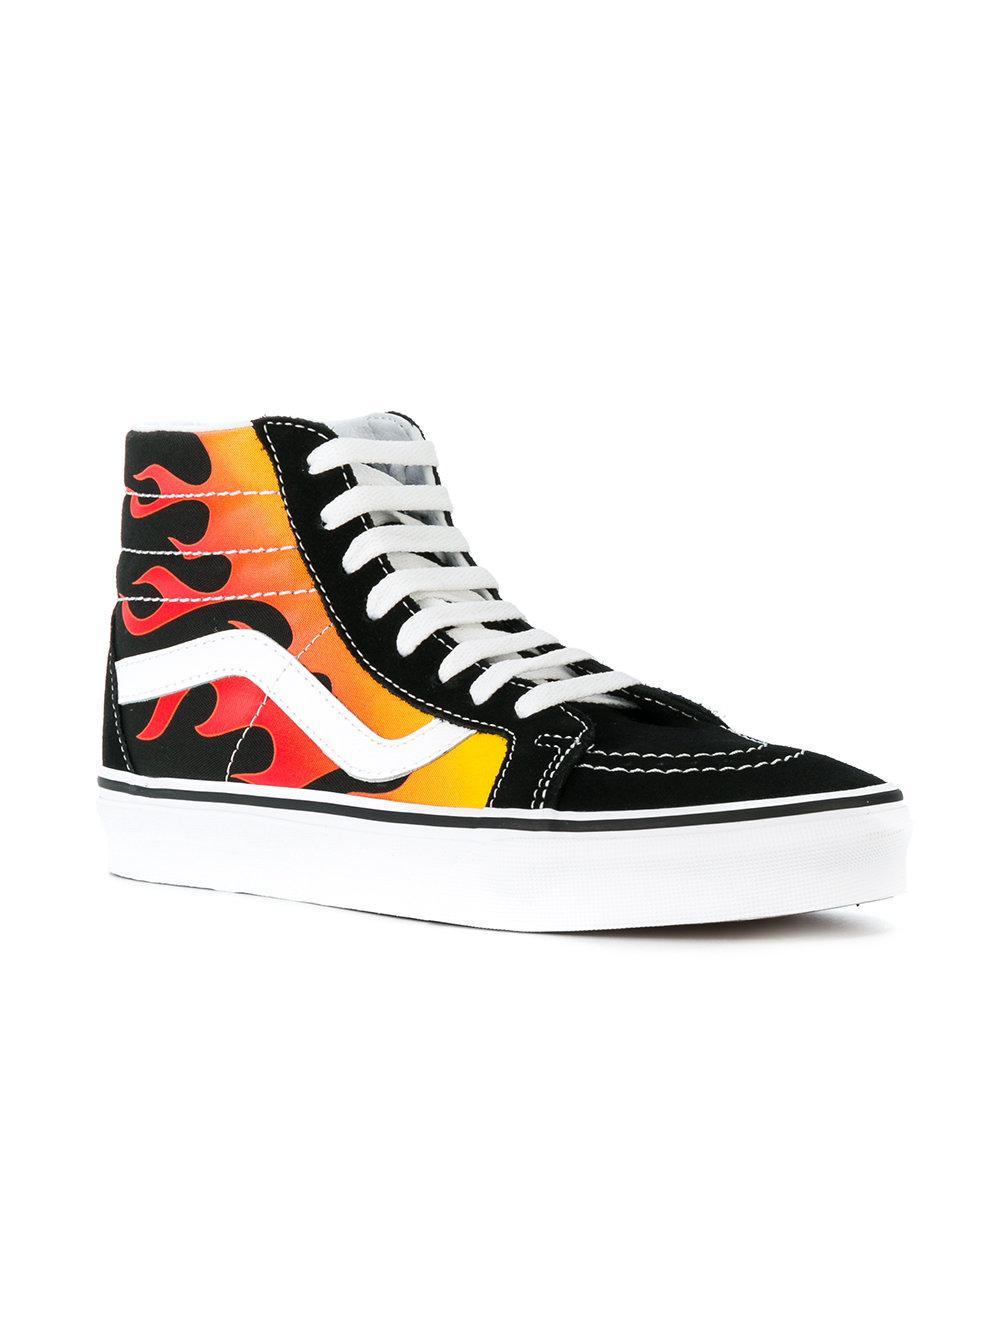 Vans Sk Hi Pro Shoes Black